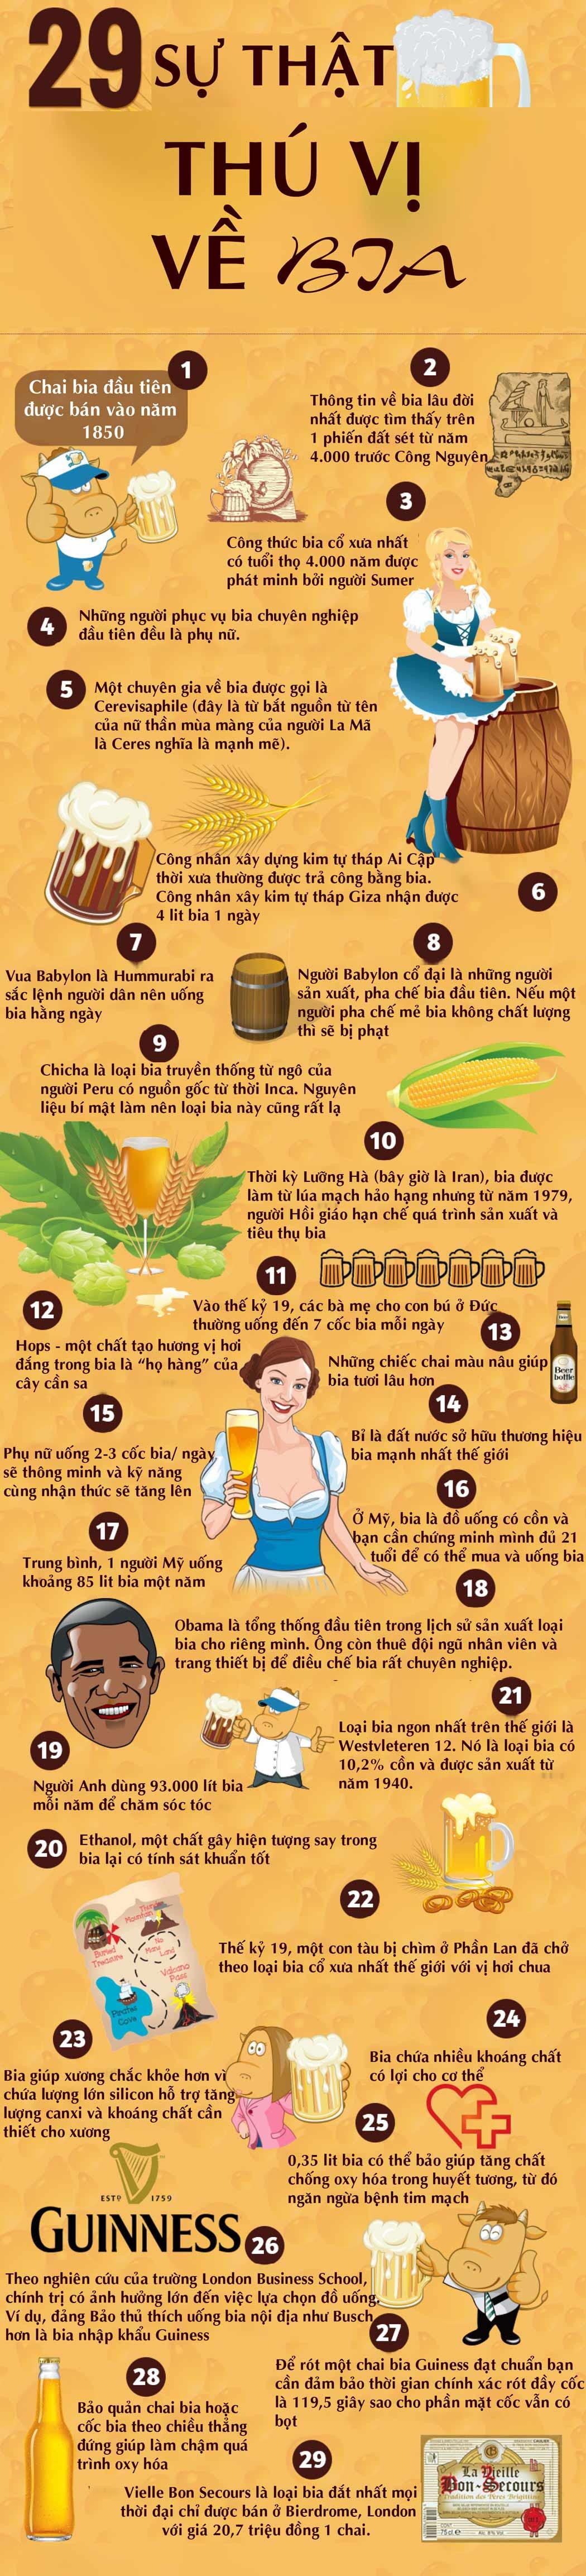 29 sự thật thú vị về bia khiến bất cứ ai cũng ngạc nhiên - 1